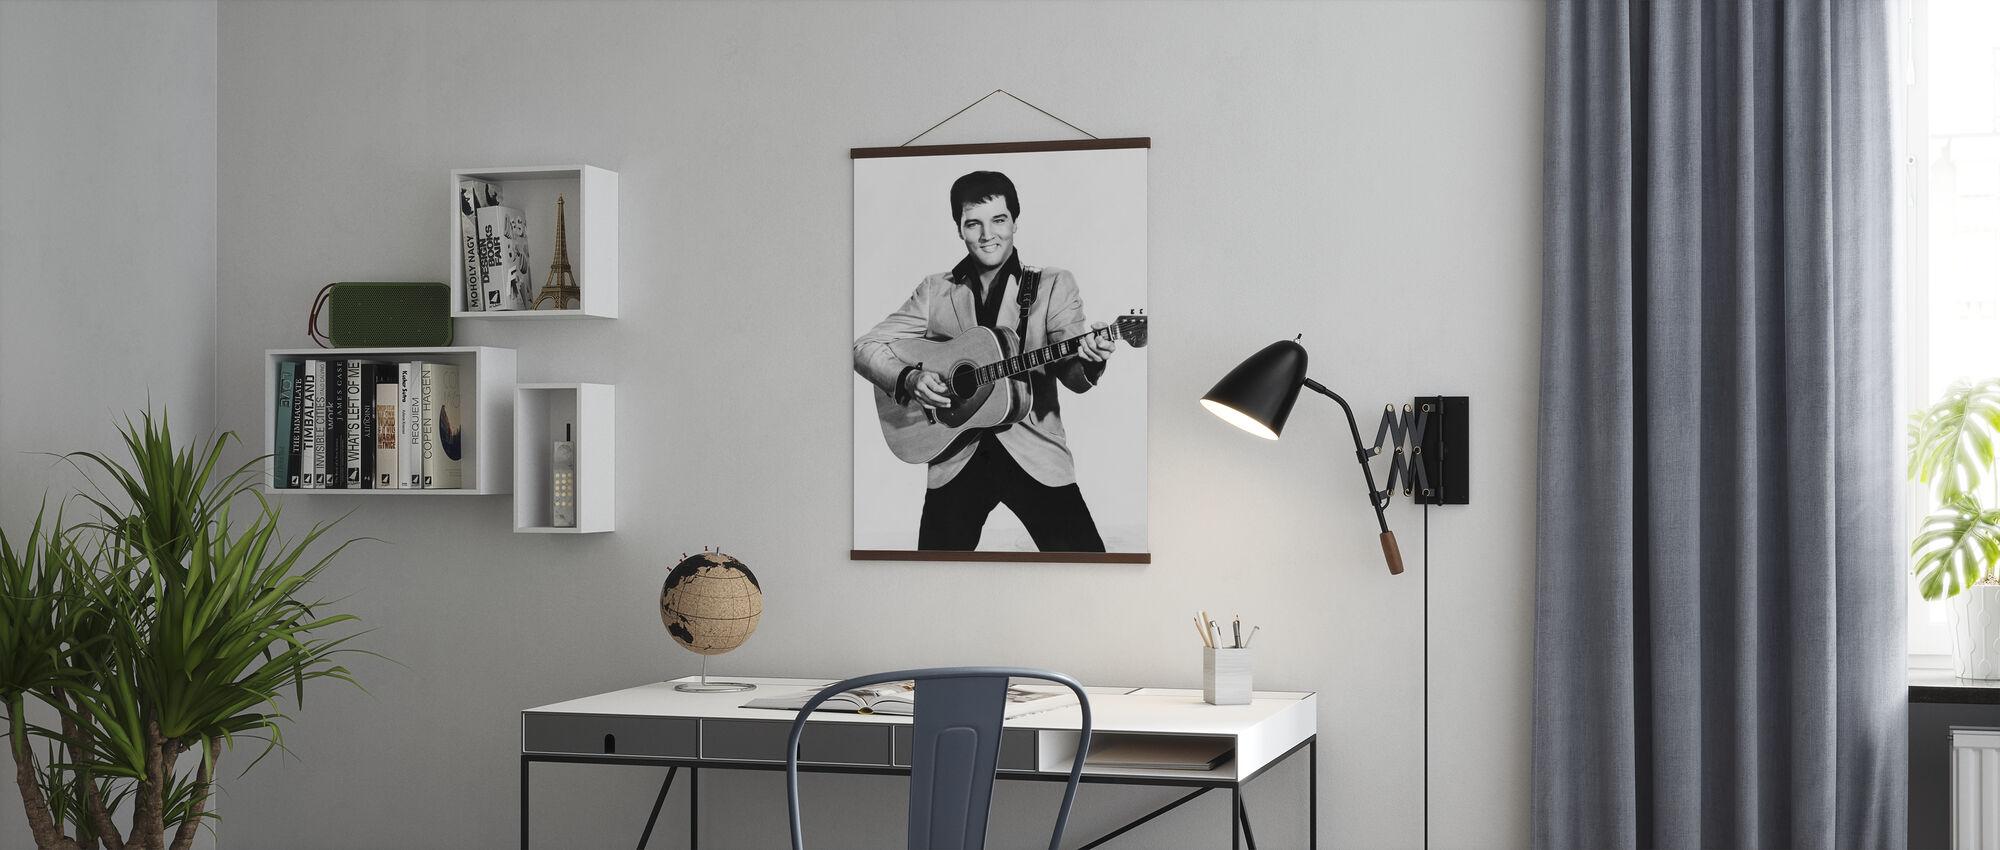 De koning 1960 - Poster - Kantoor